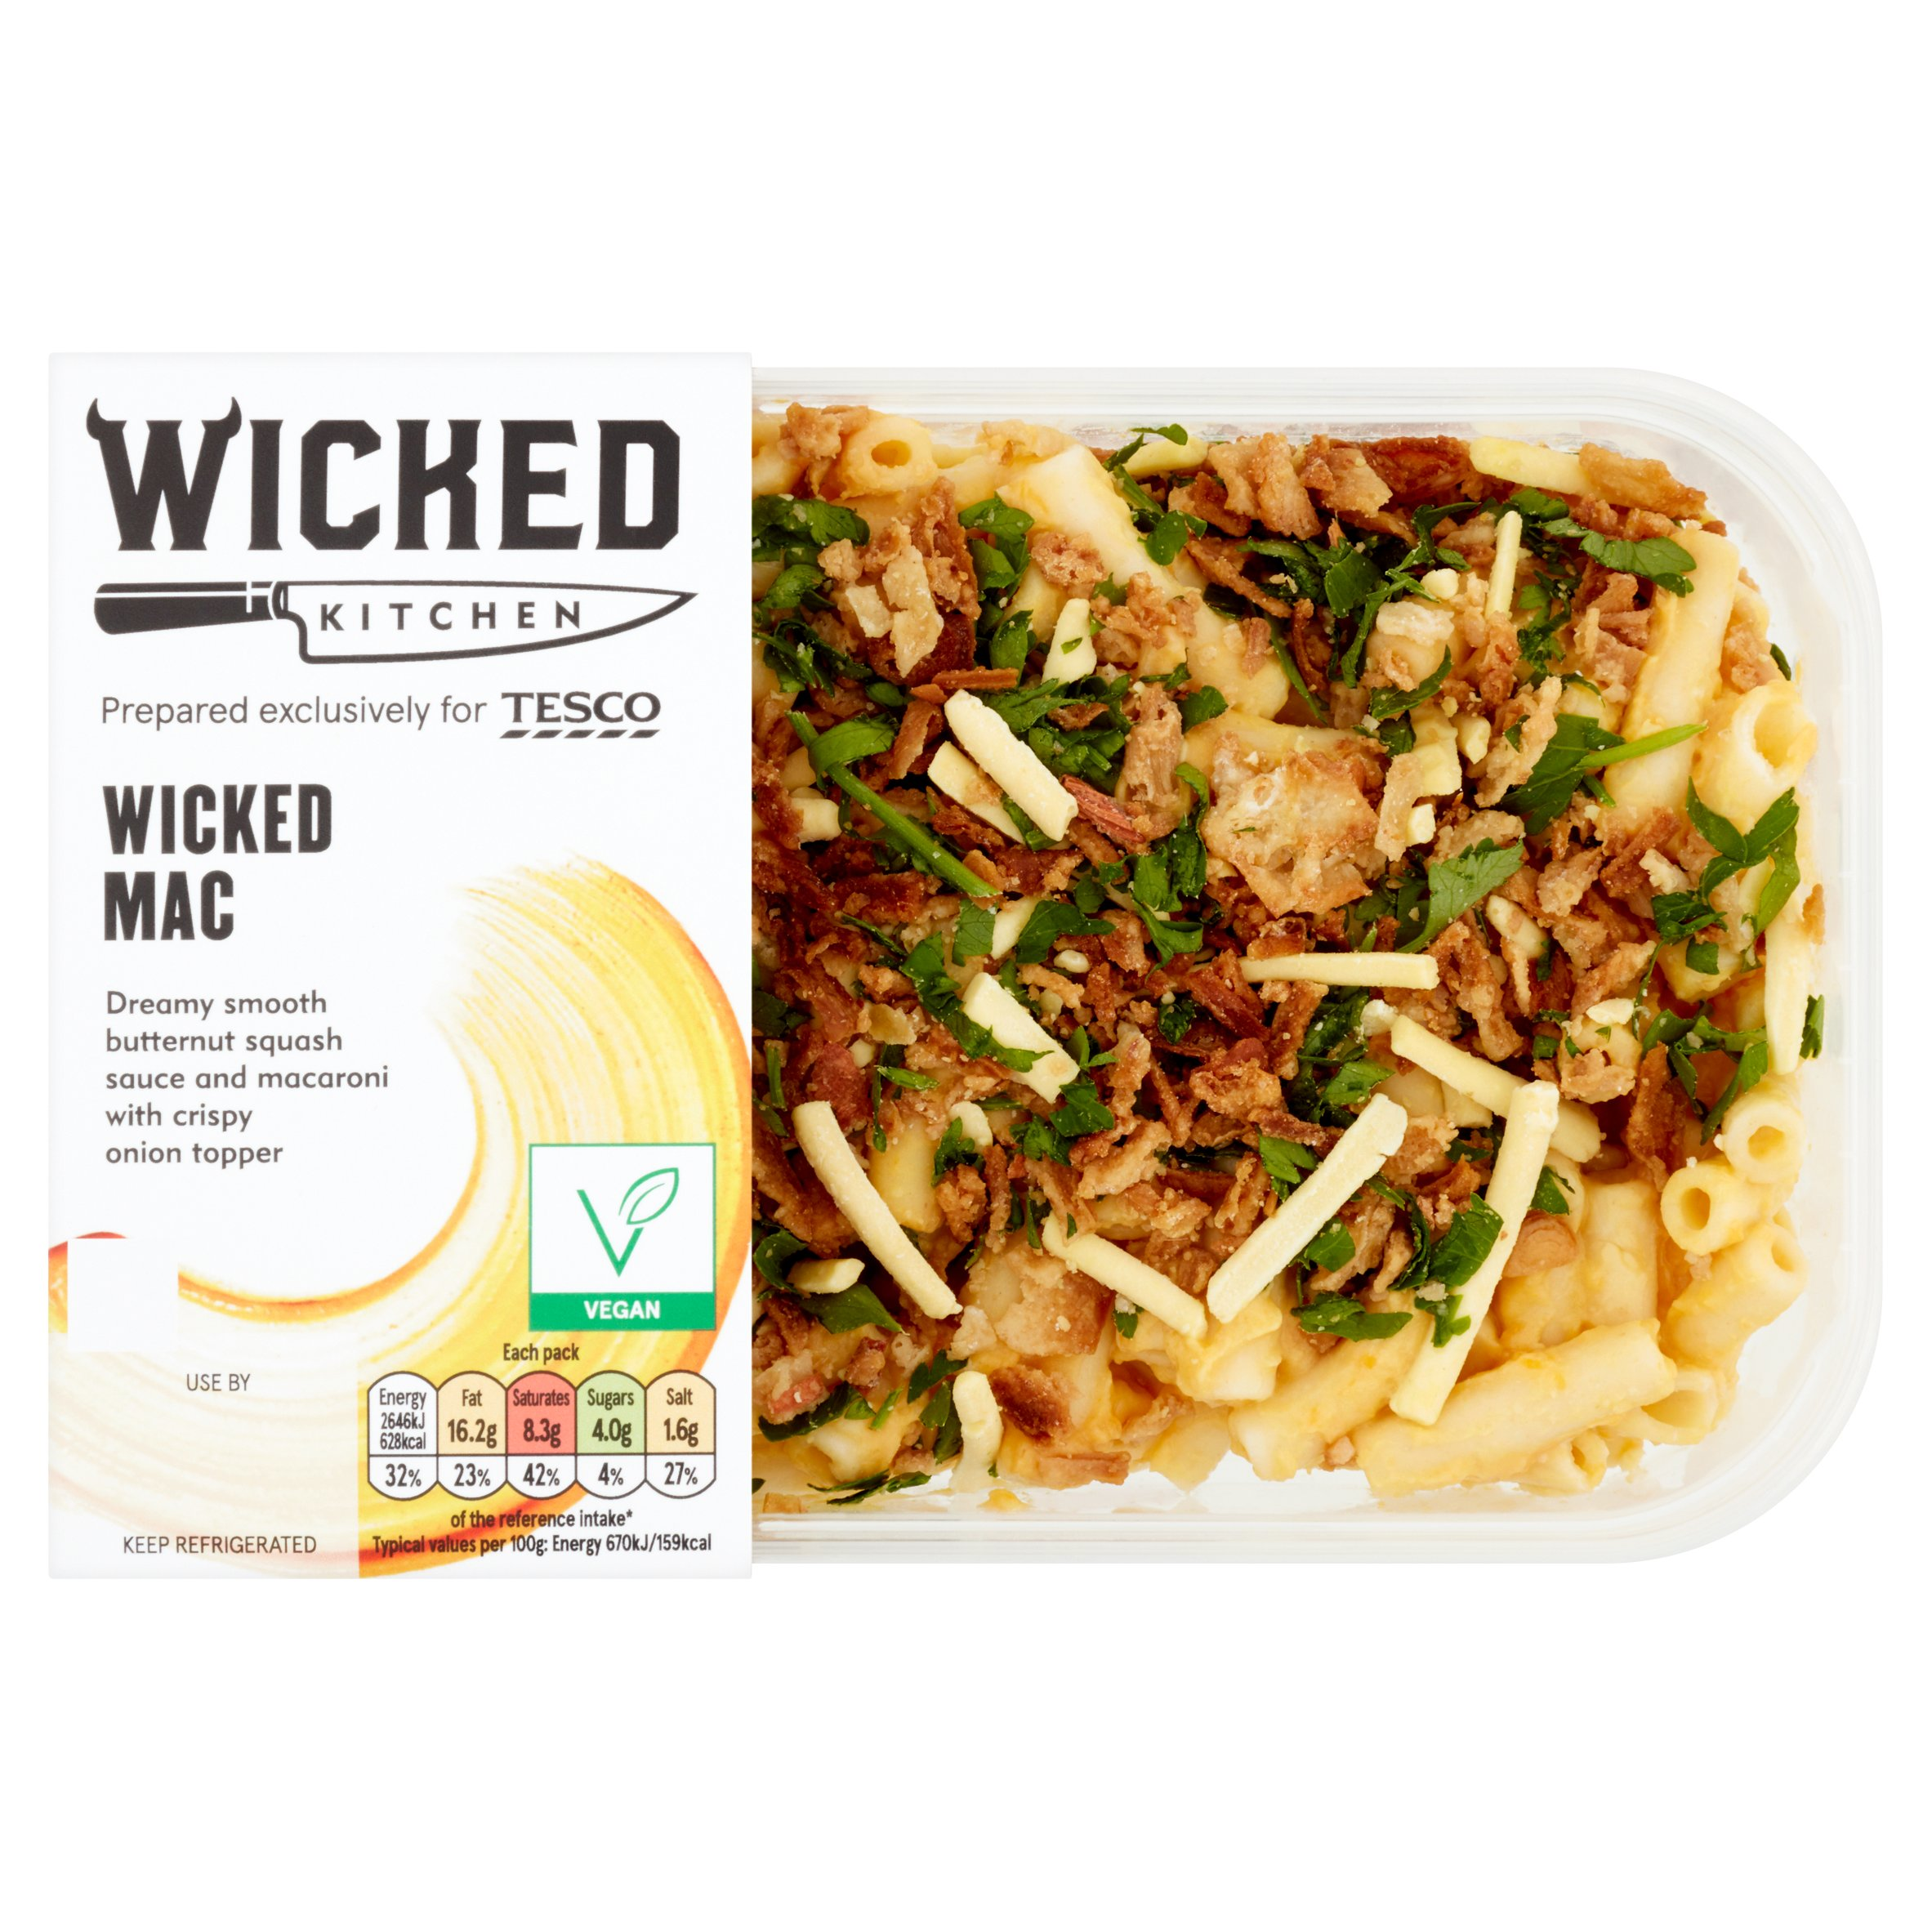 Wicked Kitchen Wicked Mac 395G